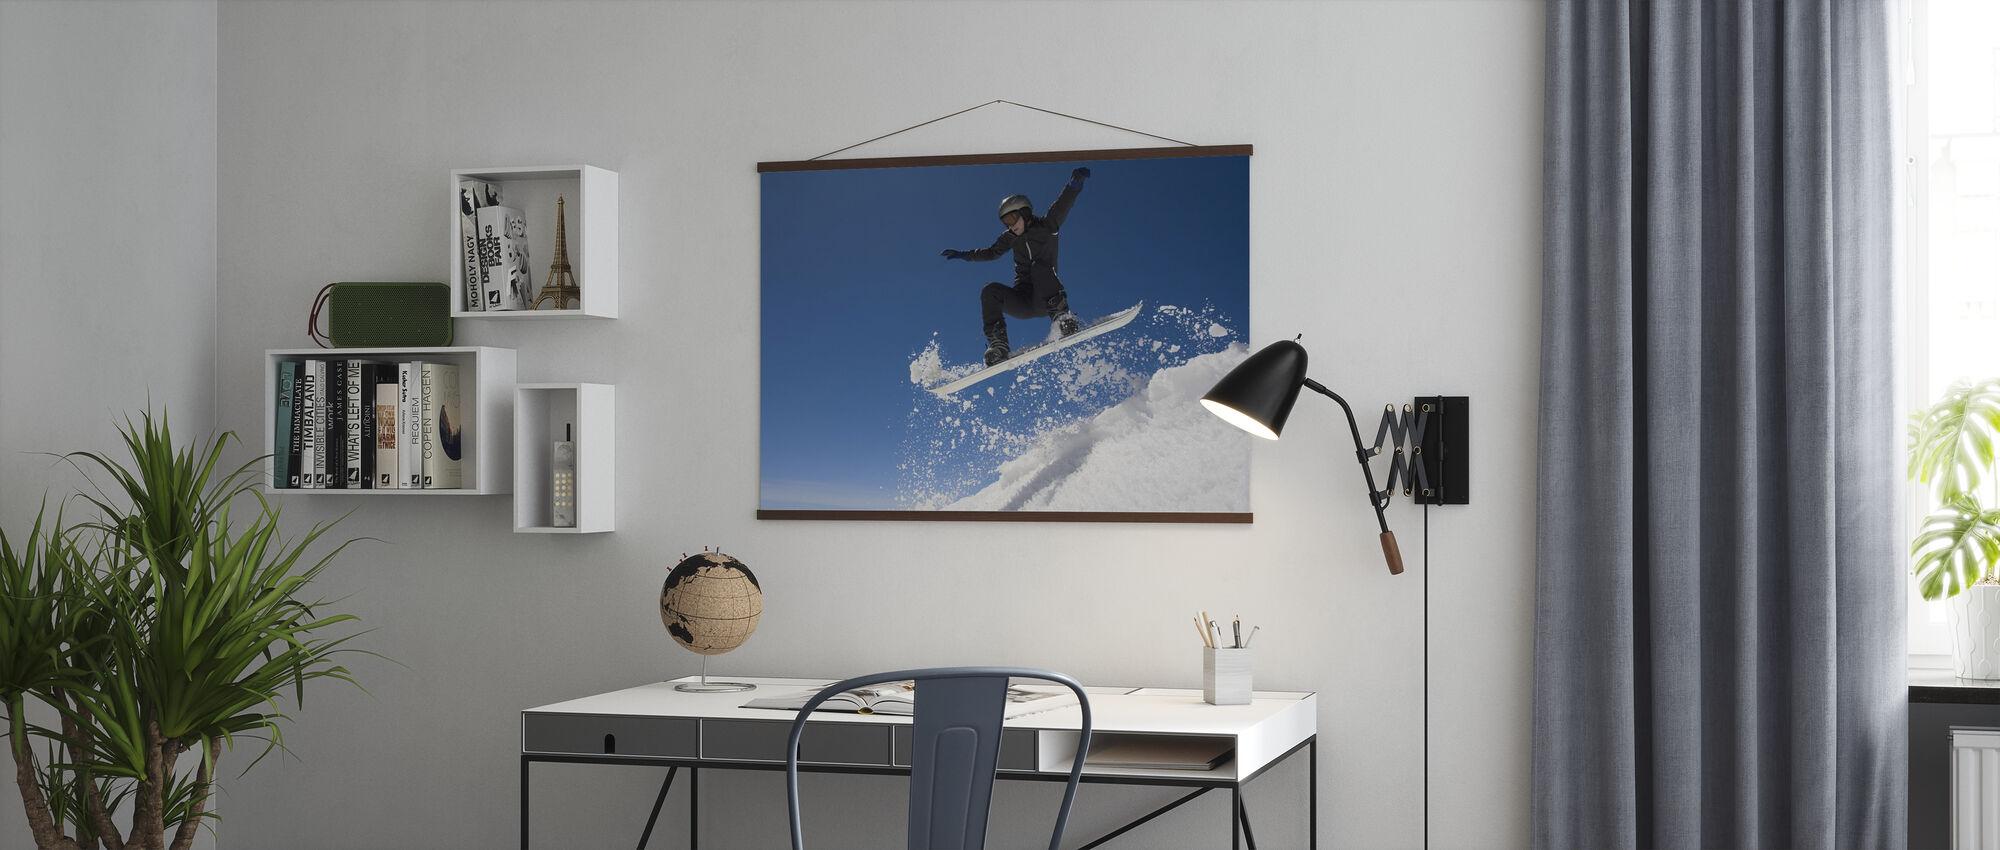 Snowboarder springen door de lucht - Poster - Kantoor